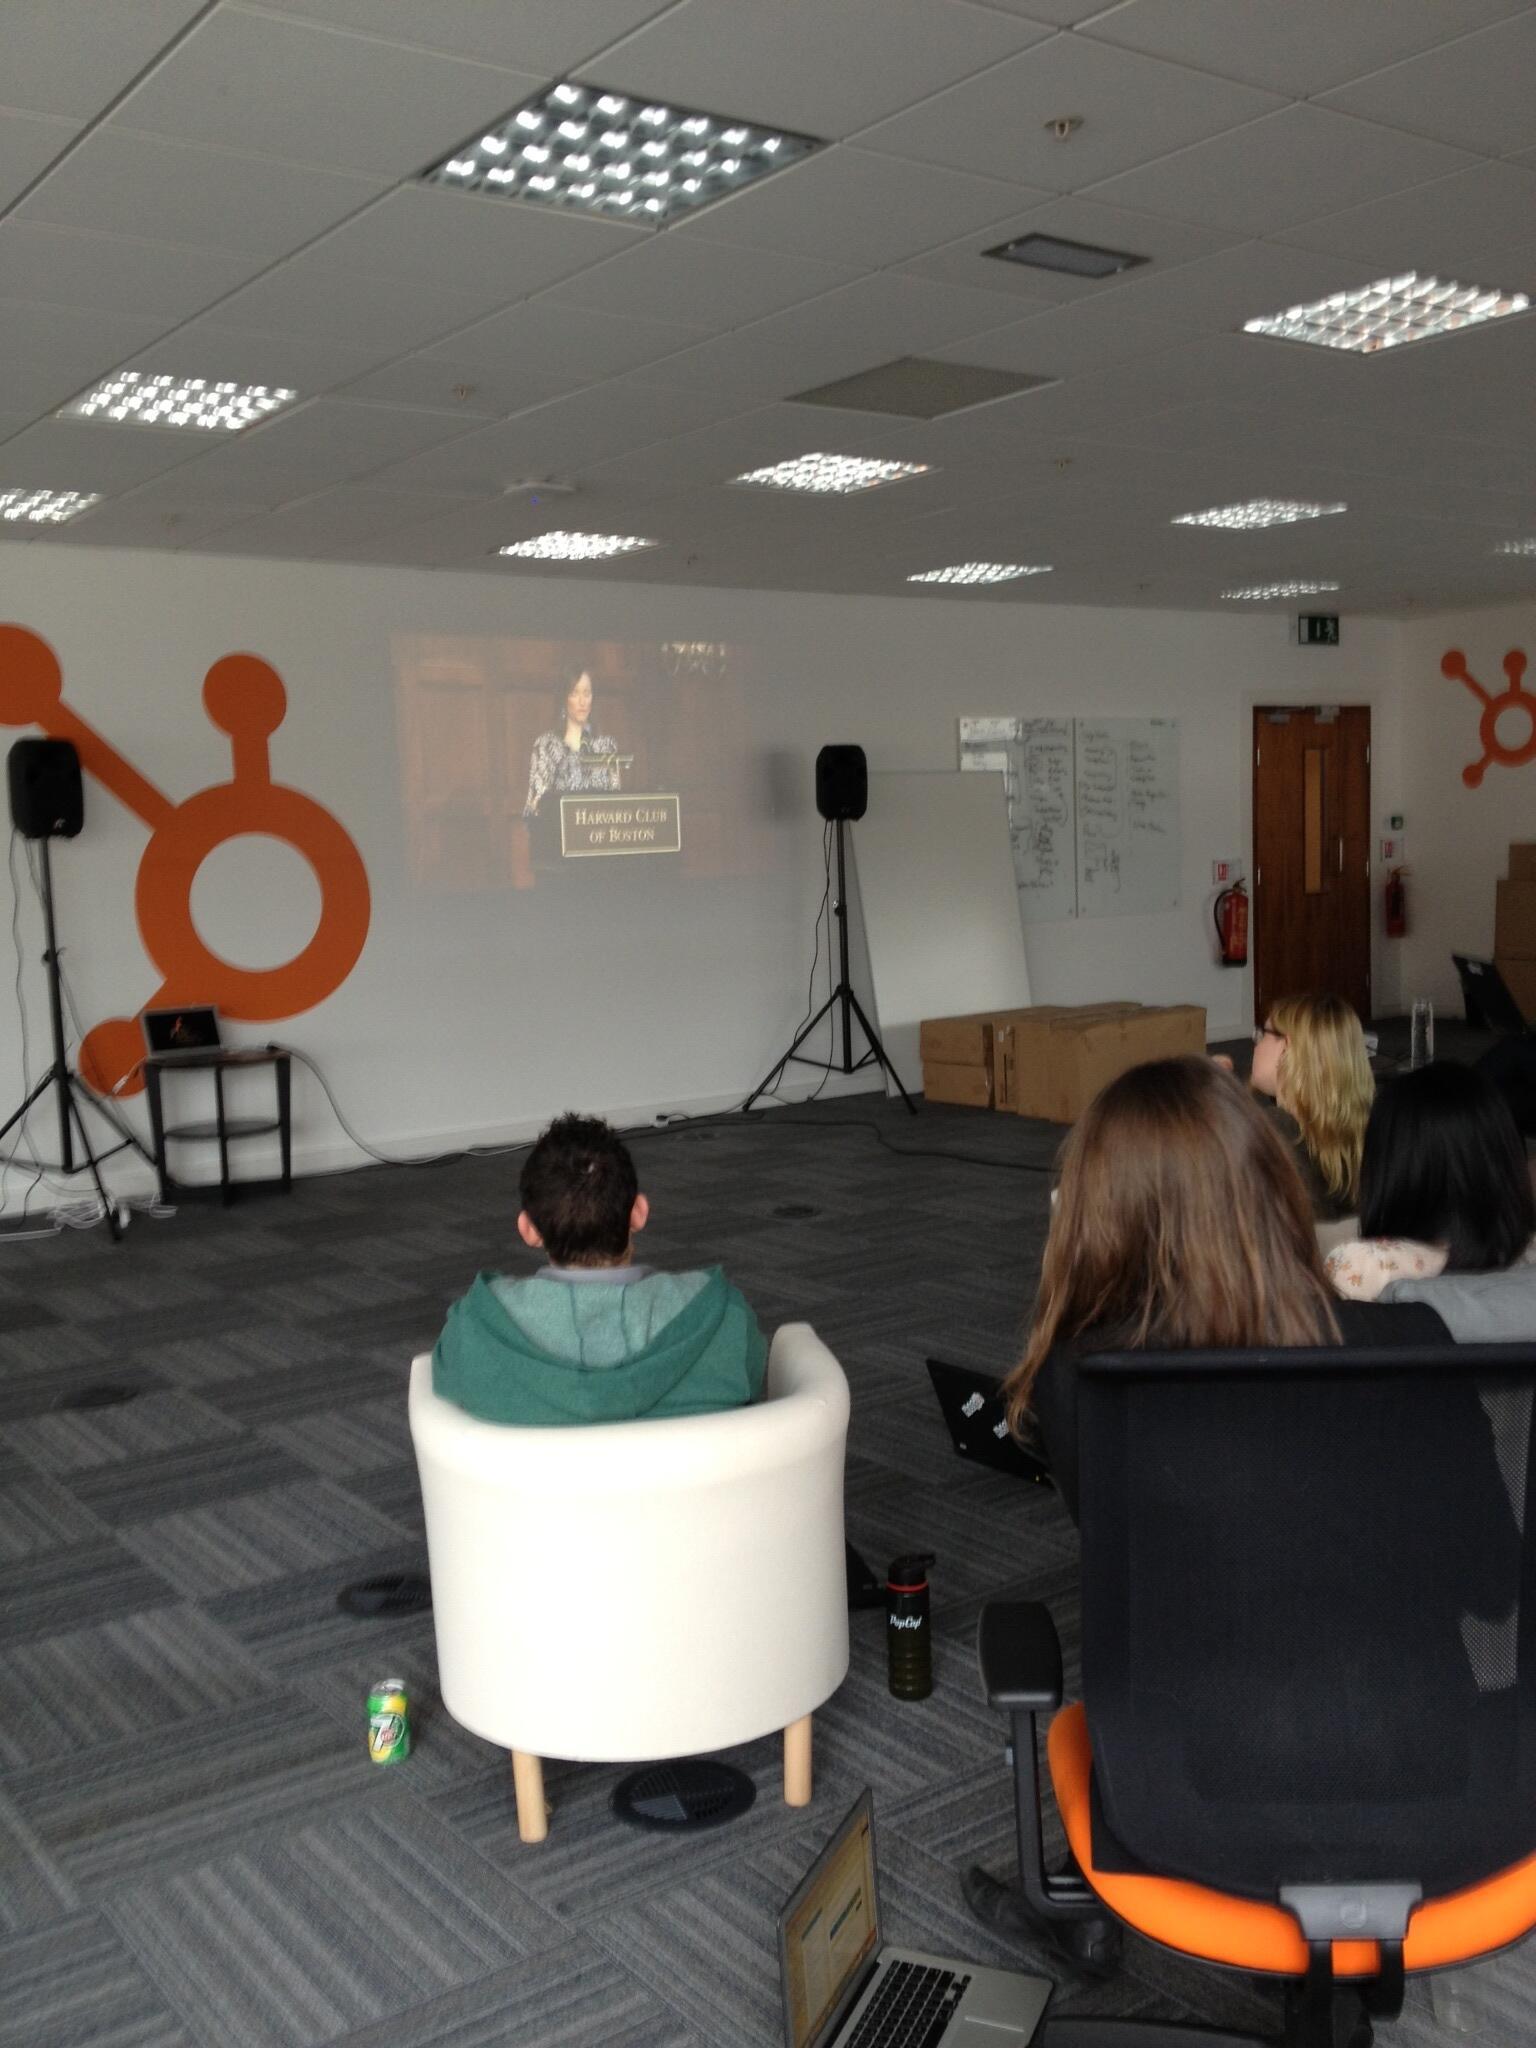 Twitter / Pistachio: Dublin office of @HubSpot ...